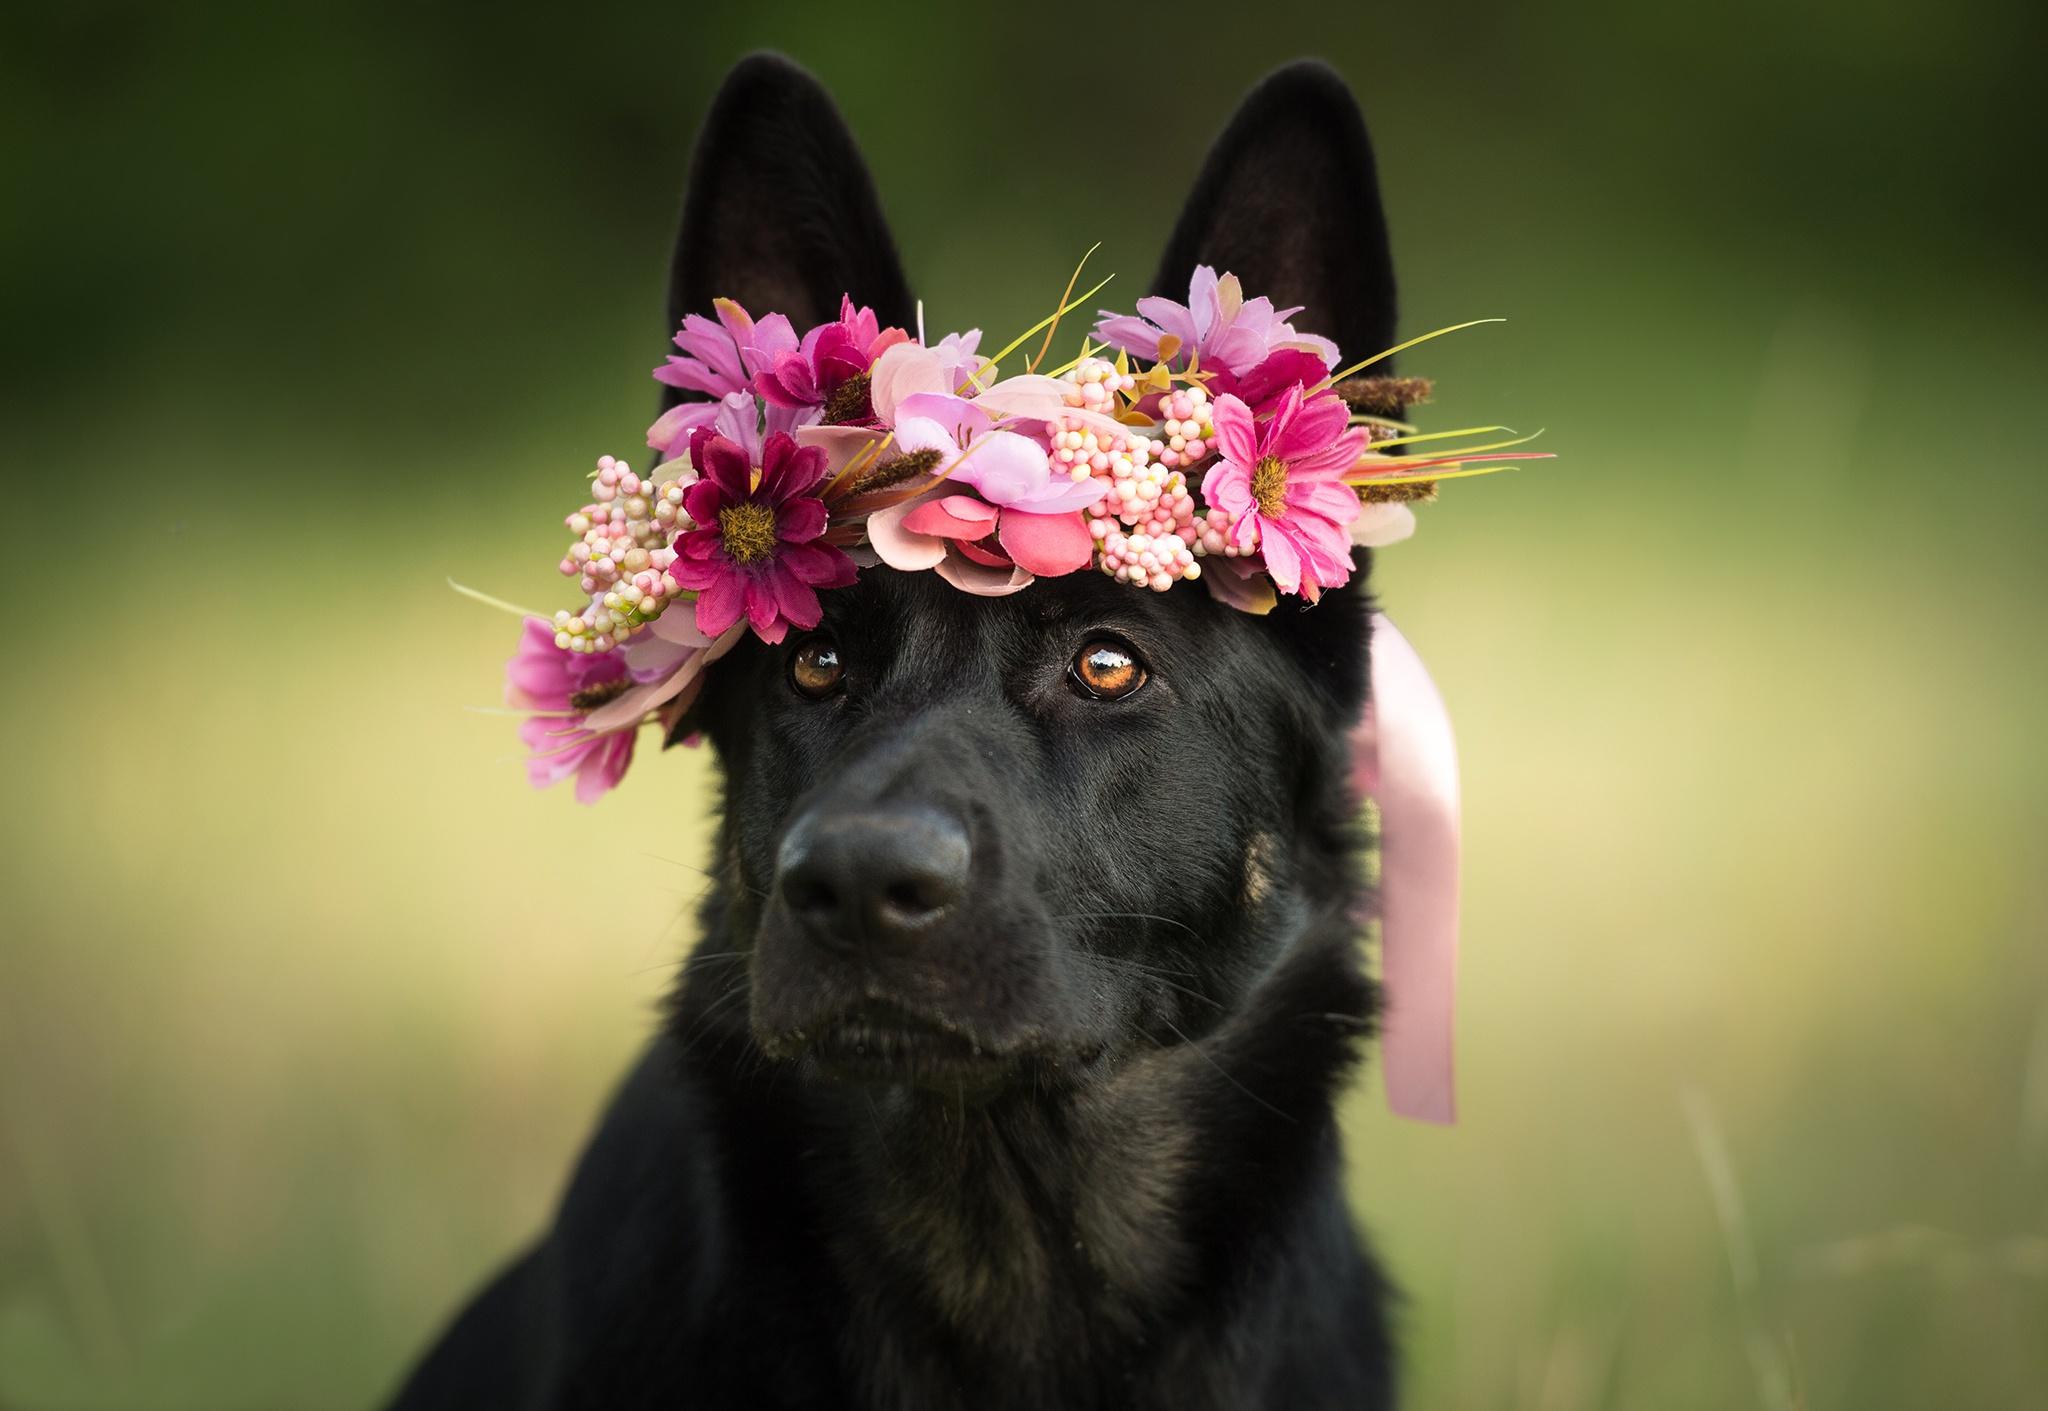 здесь картинка животное с цветком это время становится